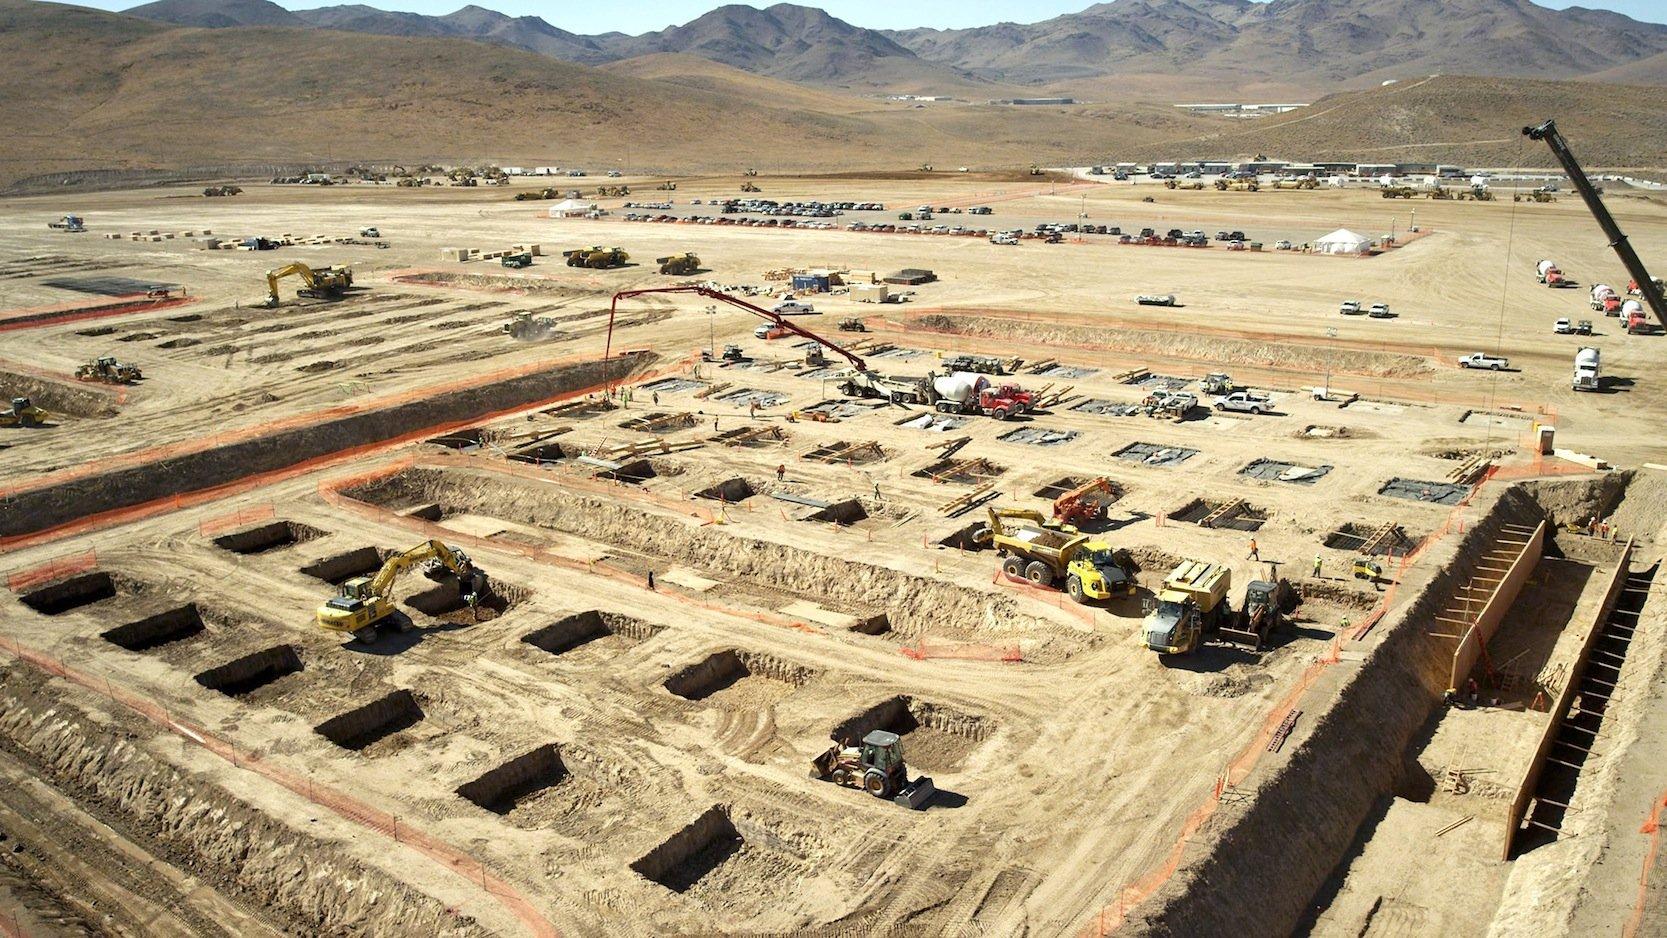 Baubeginn im November 2014: Tesla baut seine Batteriefabrik in der Wüste Nevadas.